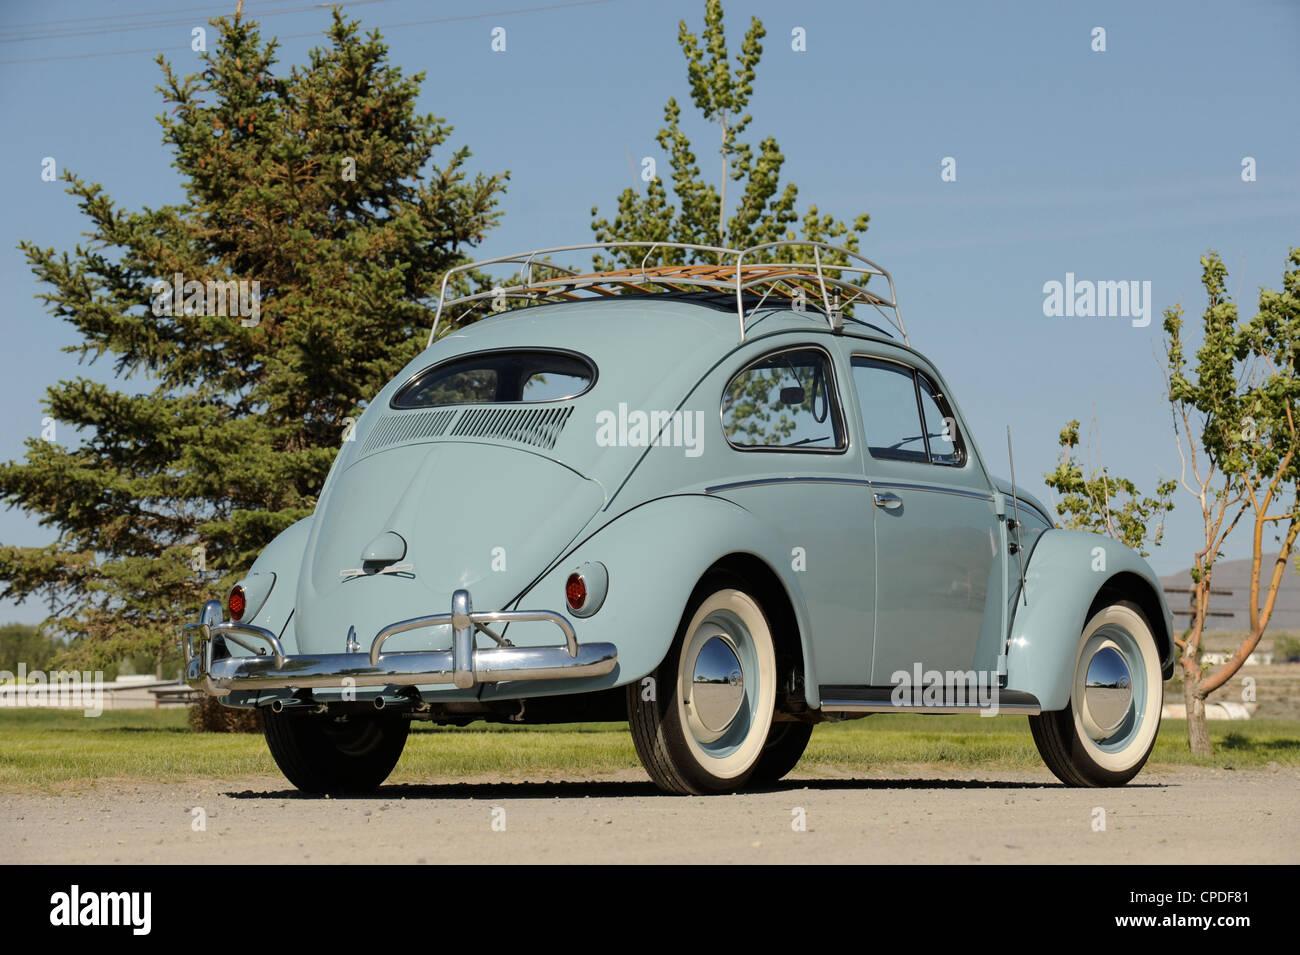 1957 Volkswagen Beetle - Stock Image